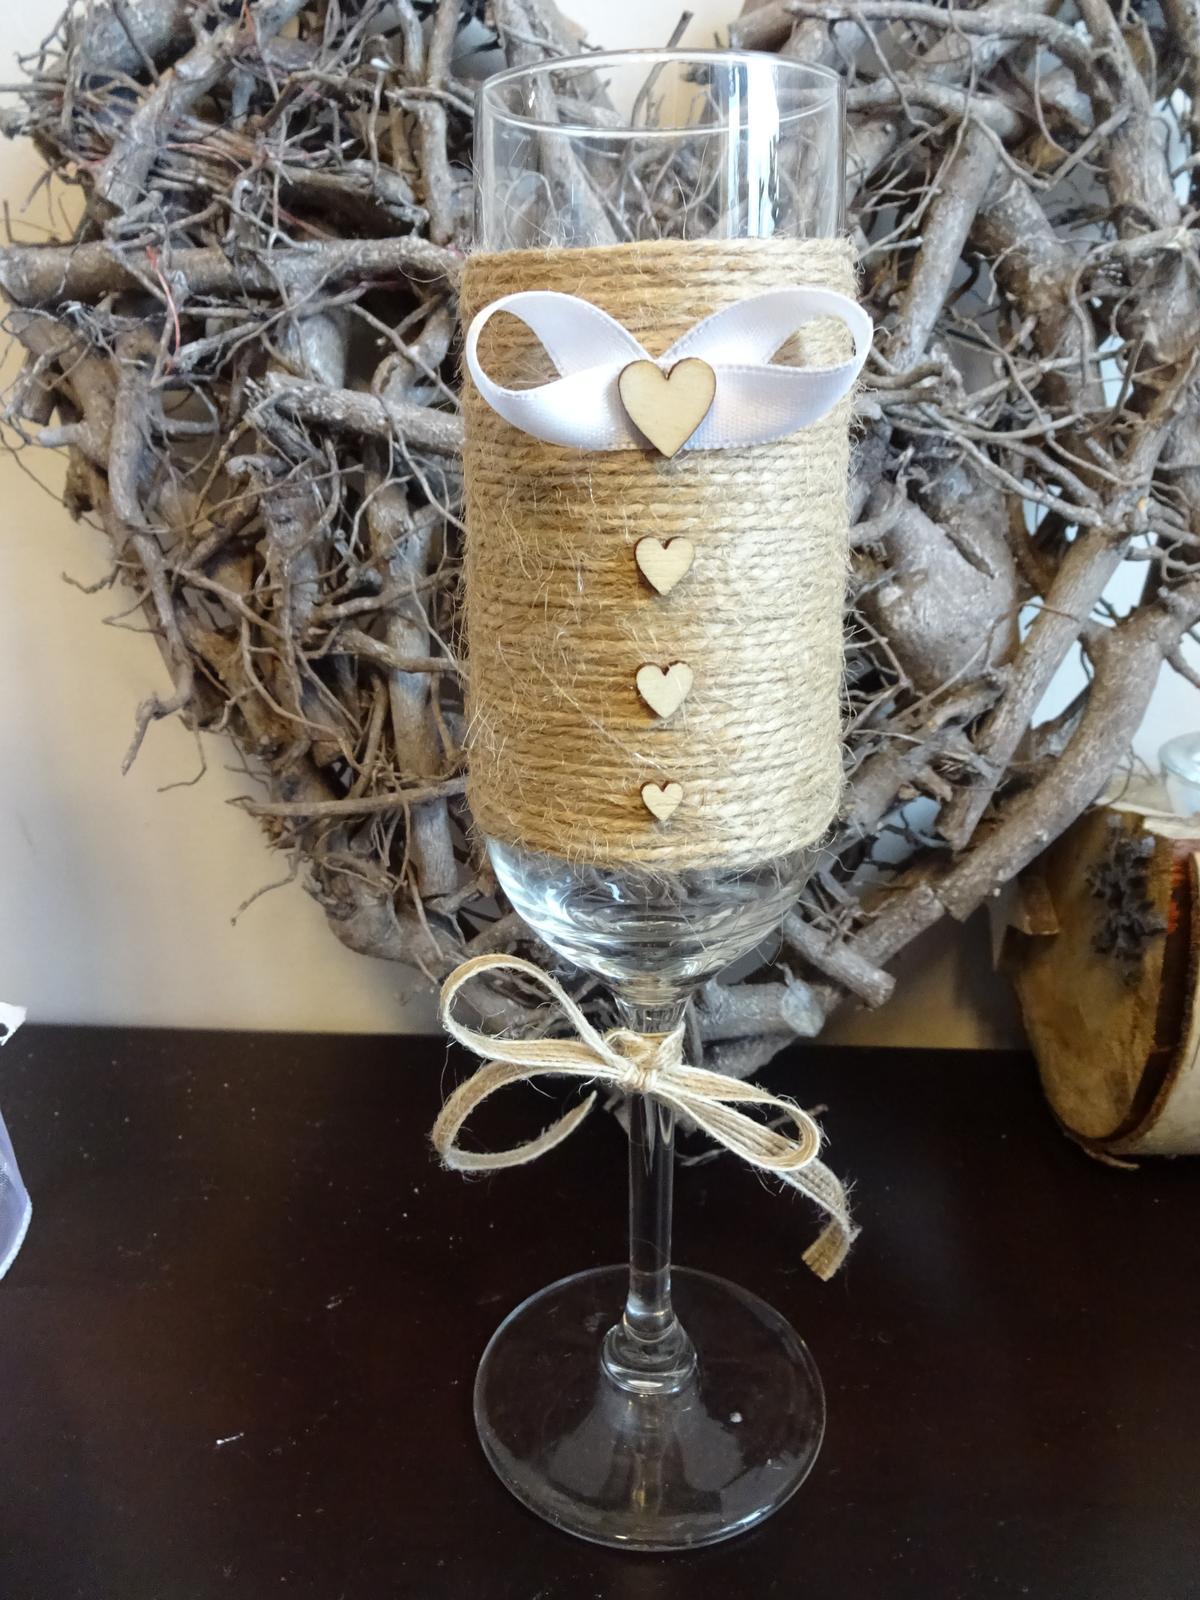 Přípitkové skleničky nevěsta a ženich  - Obrázek č. 3